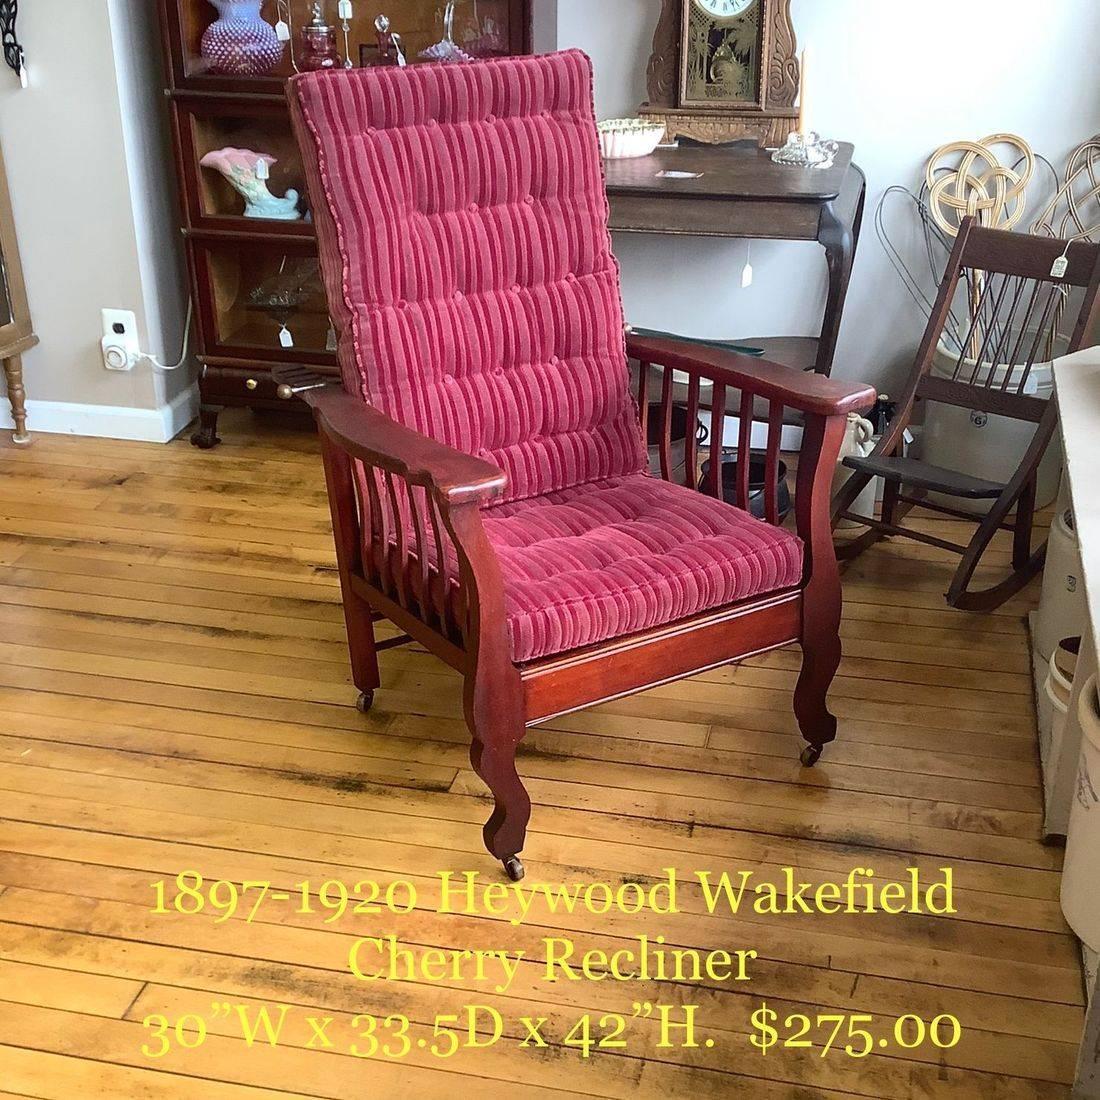 1897-1920 Heywood Wakefield Cherry Recliner   $275.00